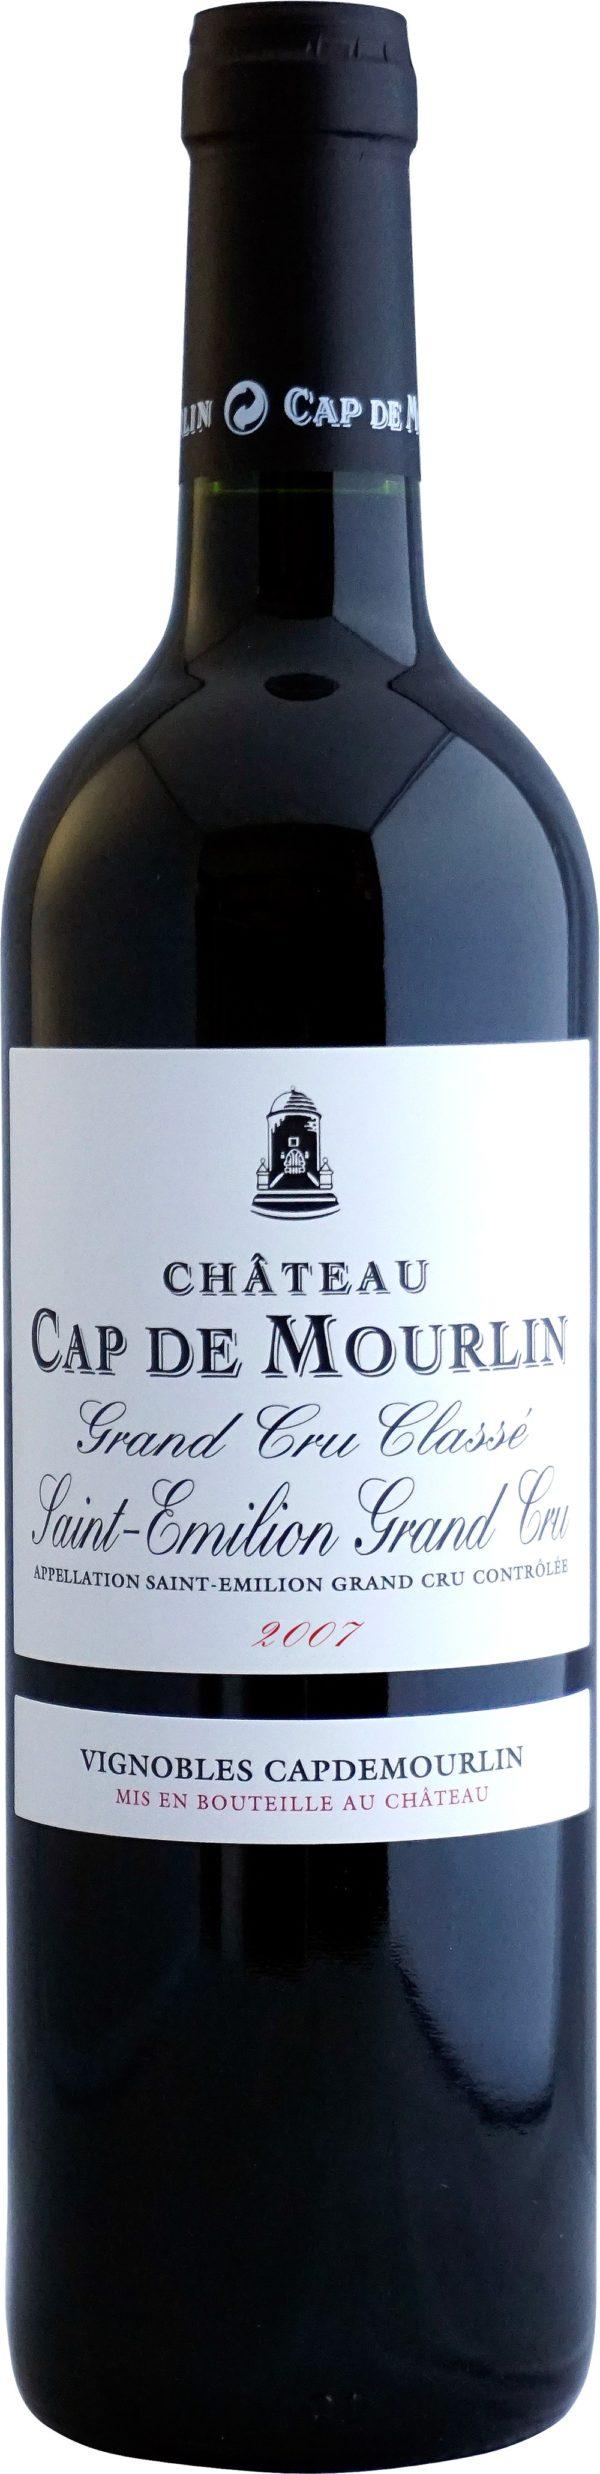 Château Cap De Mourlin 2007